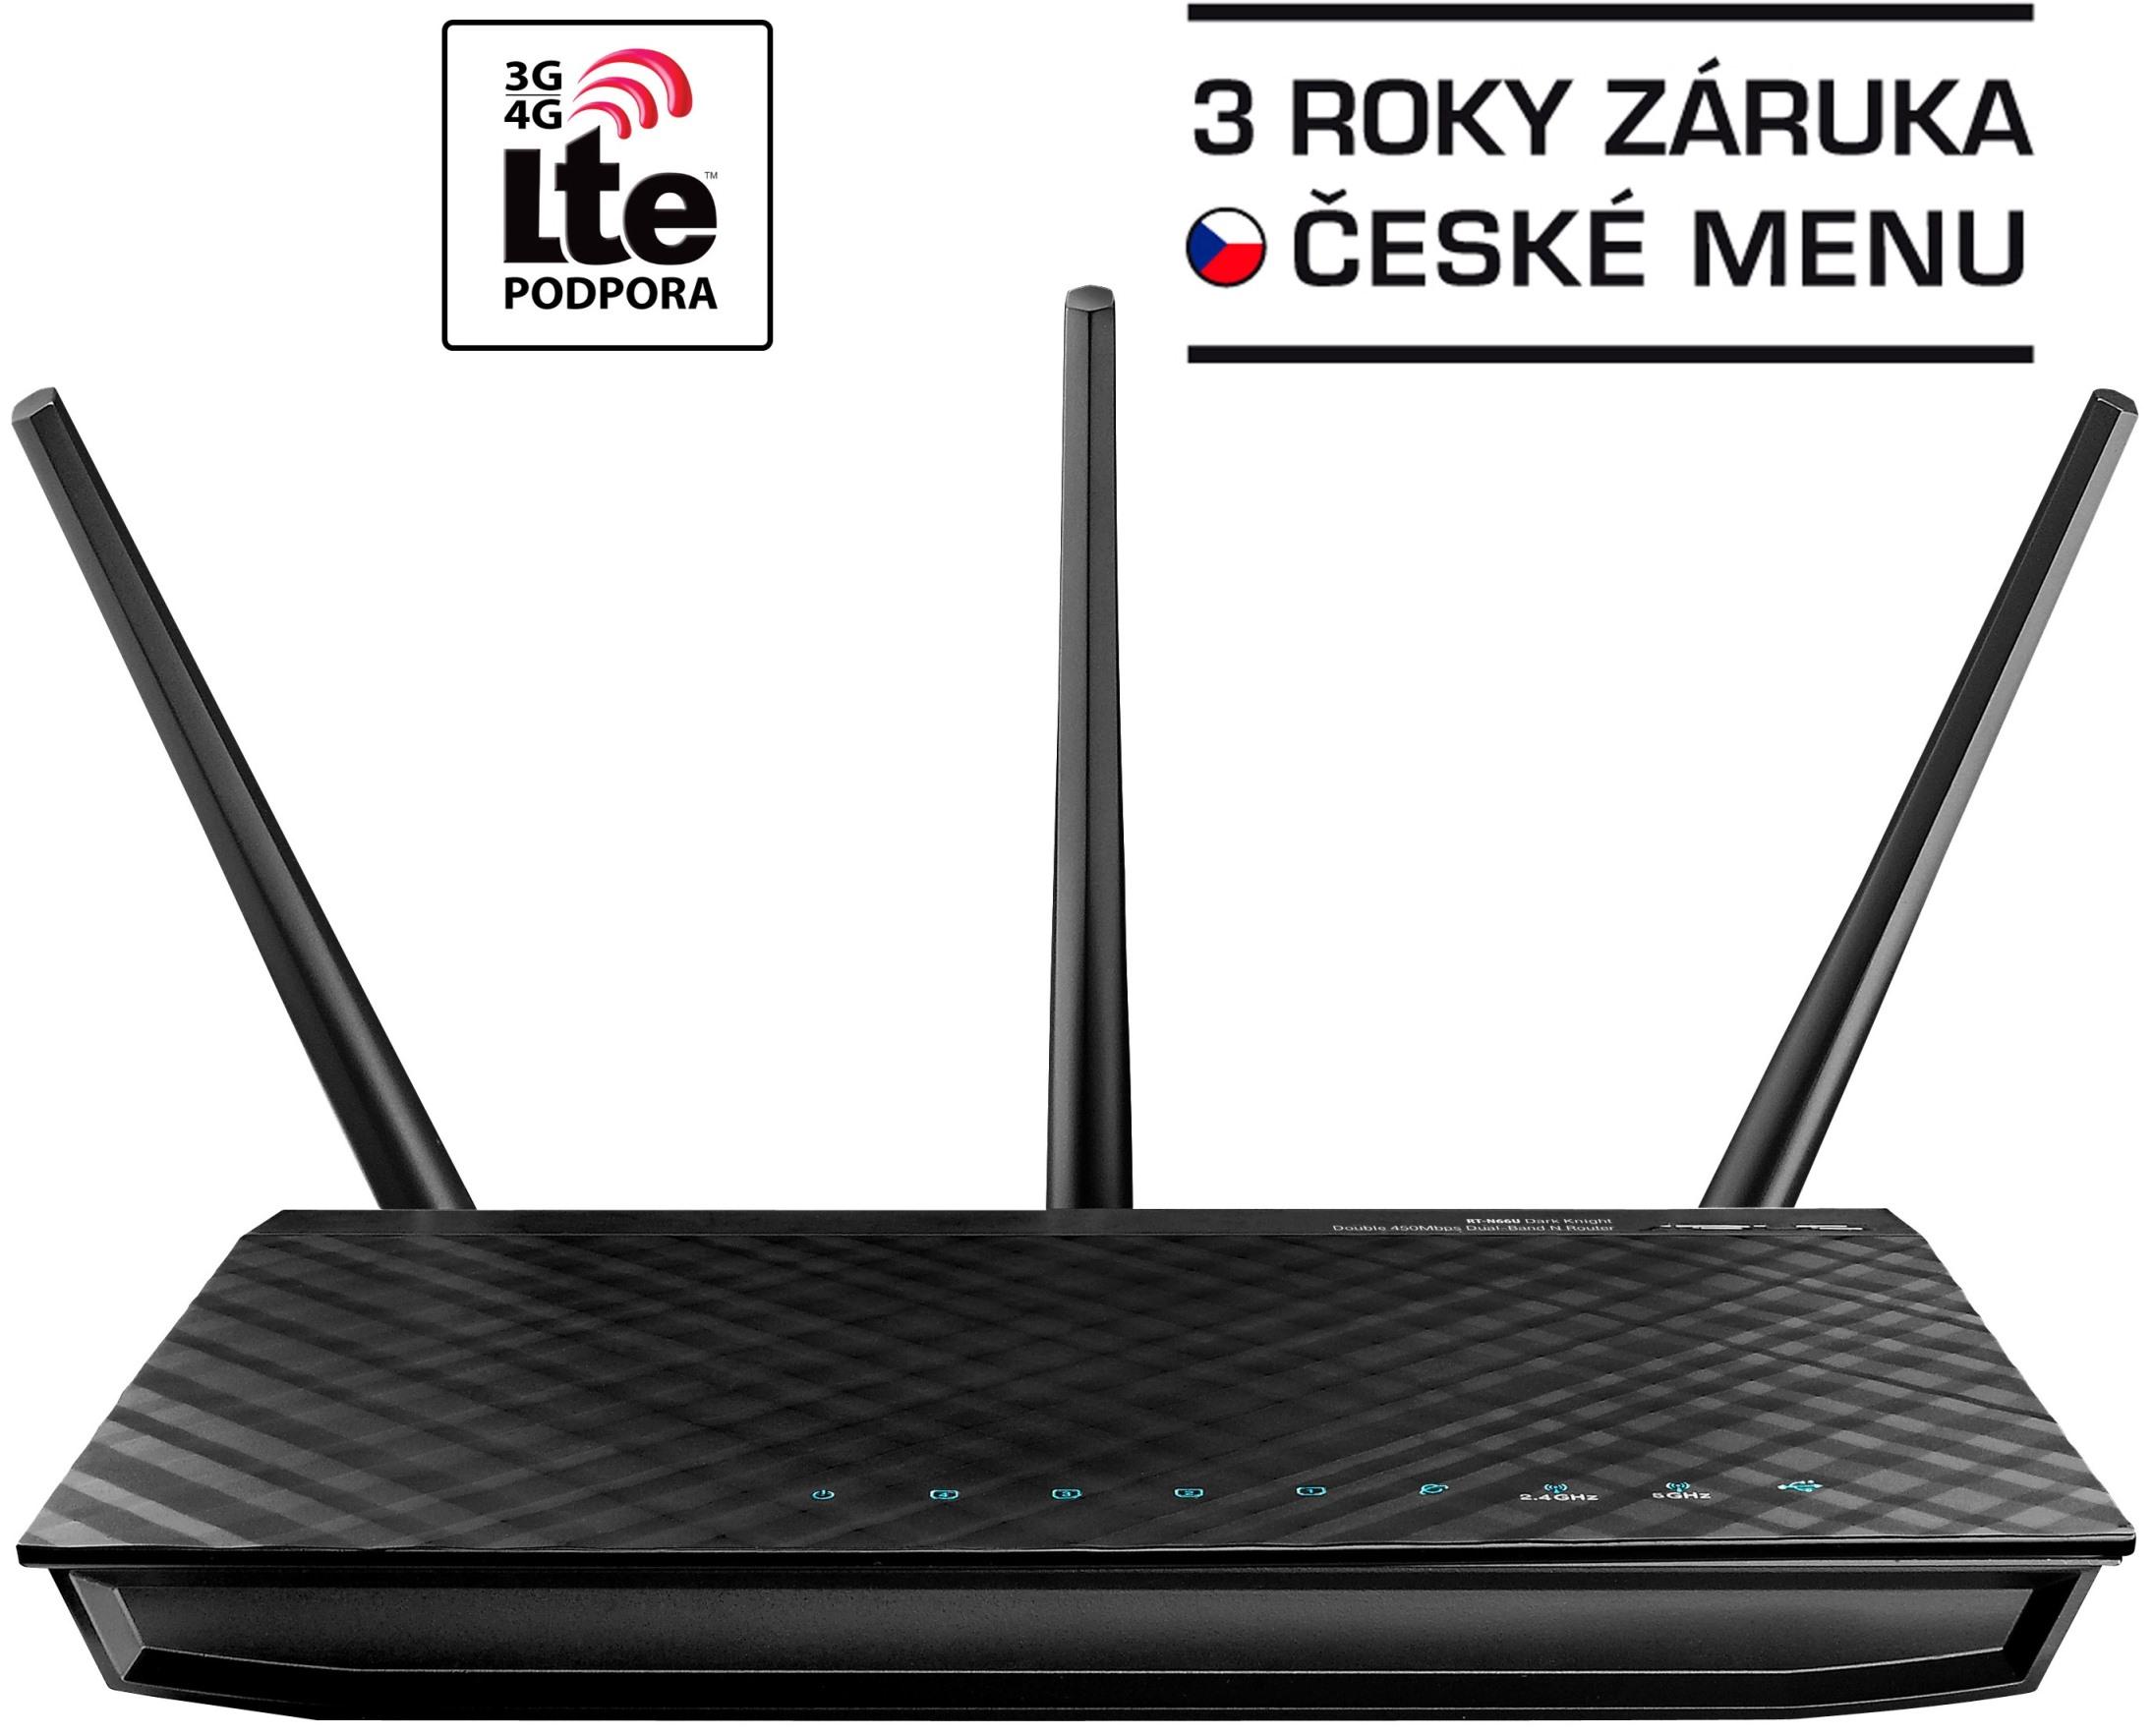 ASUS RT-N66U Dual-B Wifi-N900 Gb router